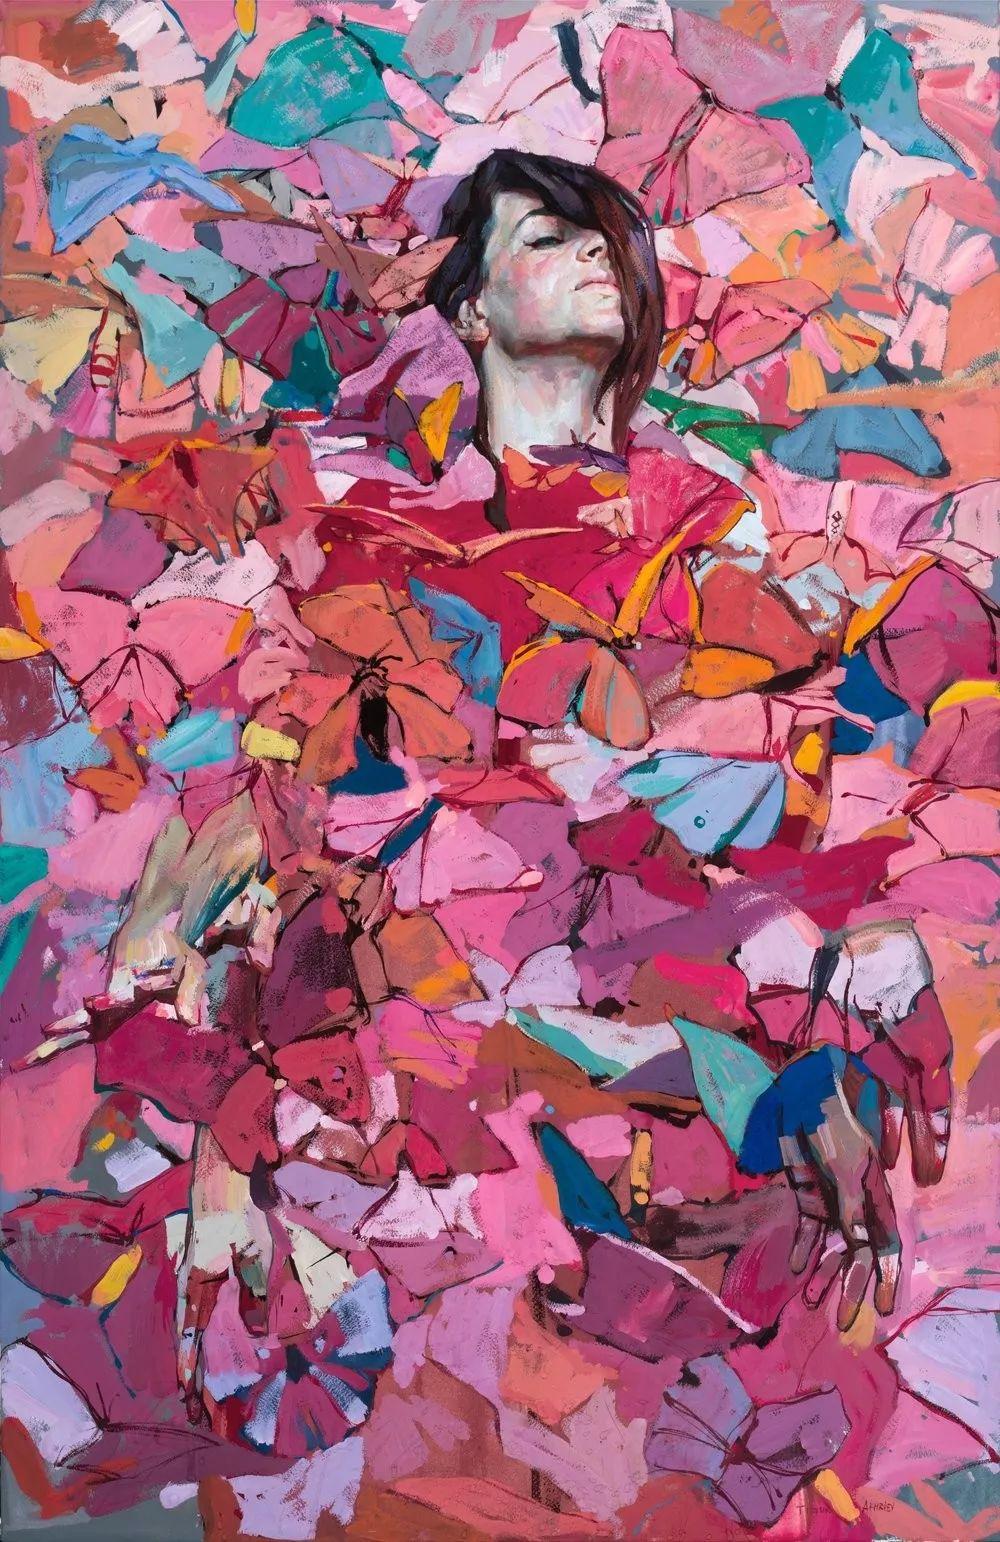 浓郁的色彩,俄罗斯艺术家帖木儿·阿赫列耶夫插图1